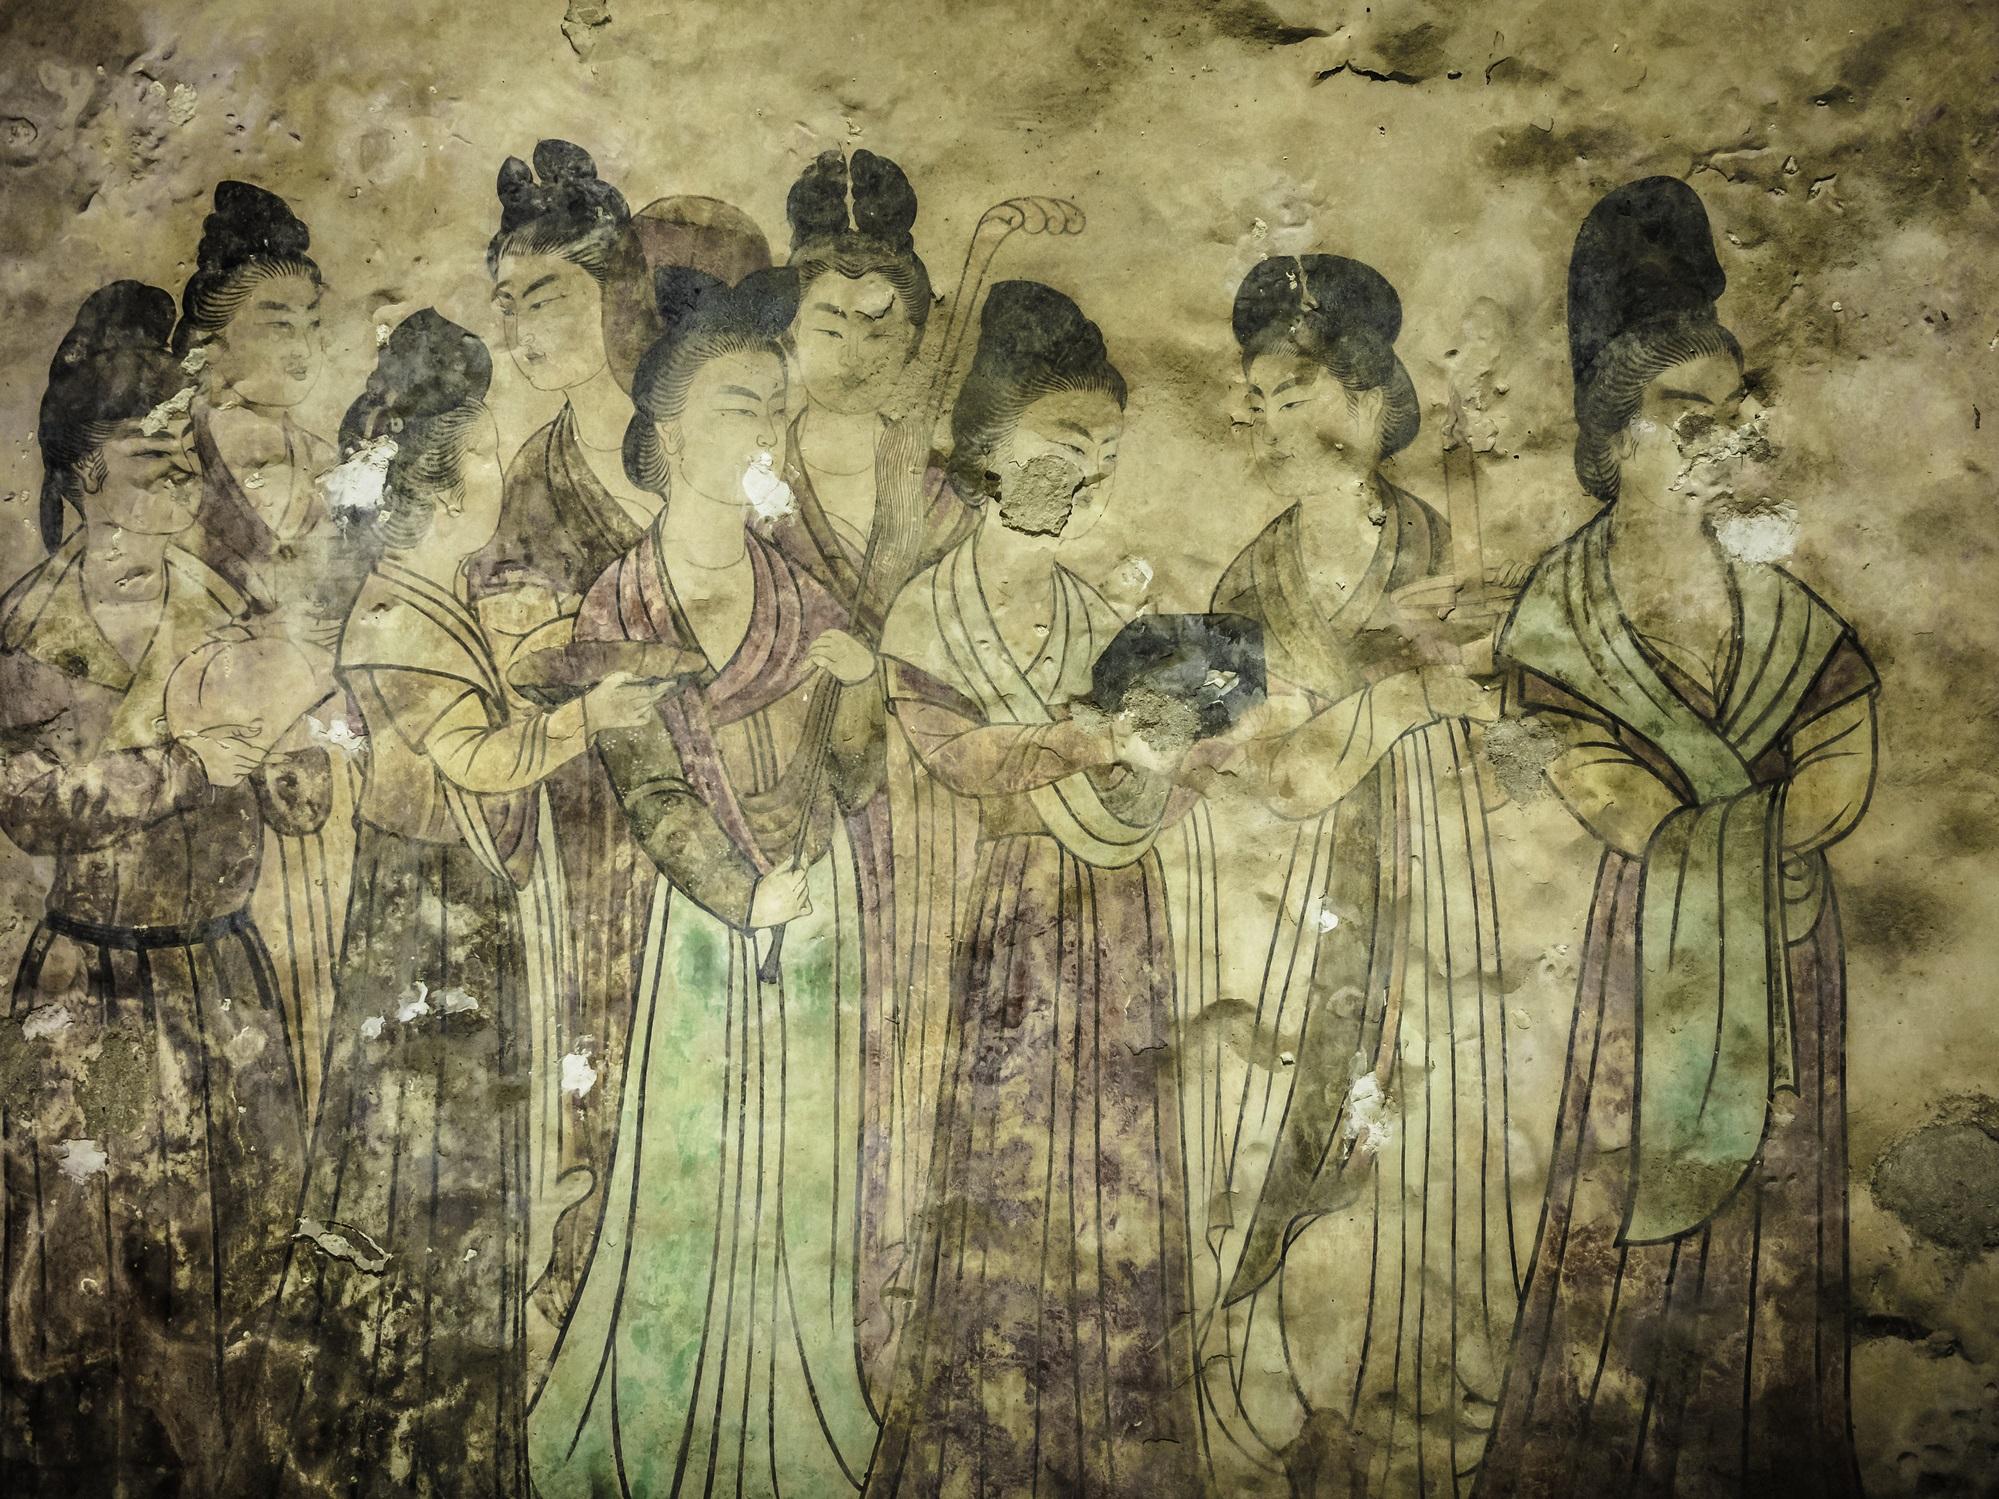 Тялото на 2000 г., което още има коса, мигли и кръв във вените<br /> <br /> Гробницата на китайска аристократка по времето на династията Западен Хан е намерена около 2000 години след смъртта ѝ. Учените претърпели шок, когато видели тялото на Лейди Ден, което било невероятно добре запазено. Всичките ѝ органи и кръвоносни съдове били непокътнати, във вените ѝ е намерено малко количество кръв от кръвна група А, тя все още има коса и мигли. Най-голямата изненада е мистериозната течност, в която е накиснато тялото – и до днес учените не знаят каква е тя.